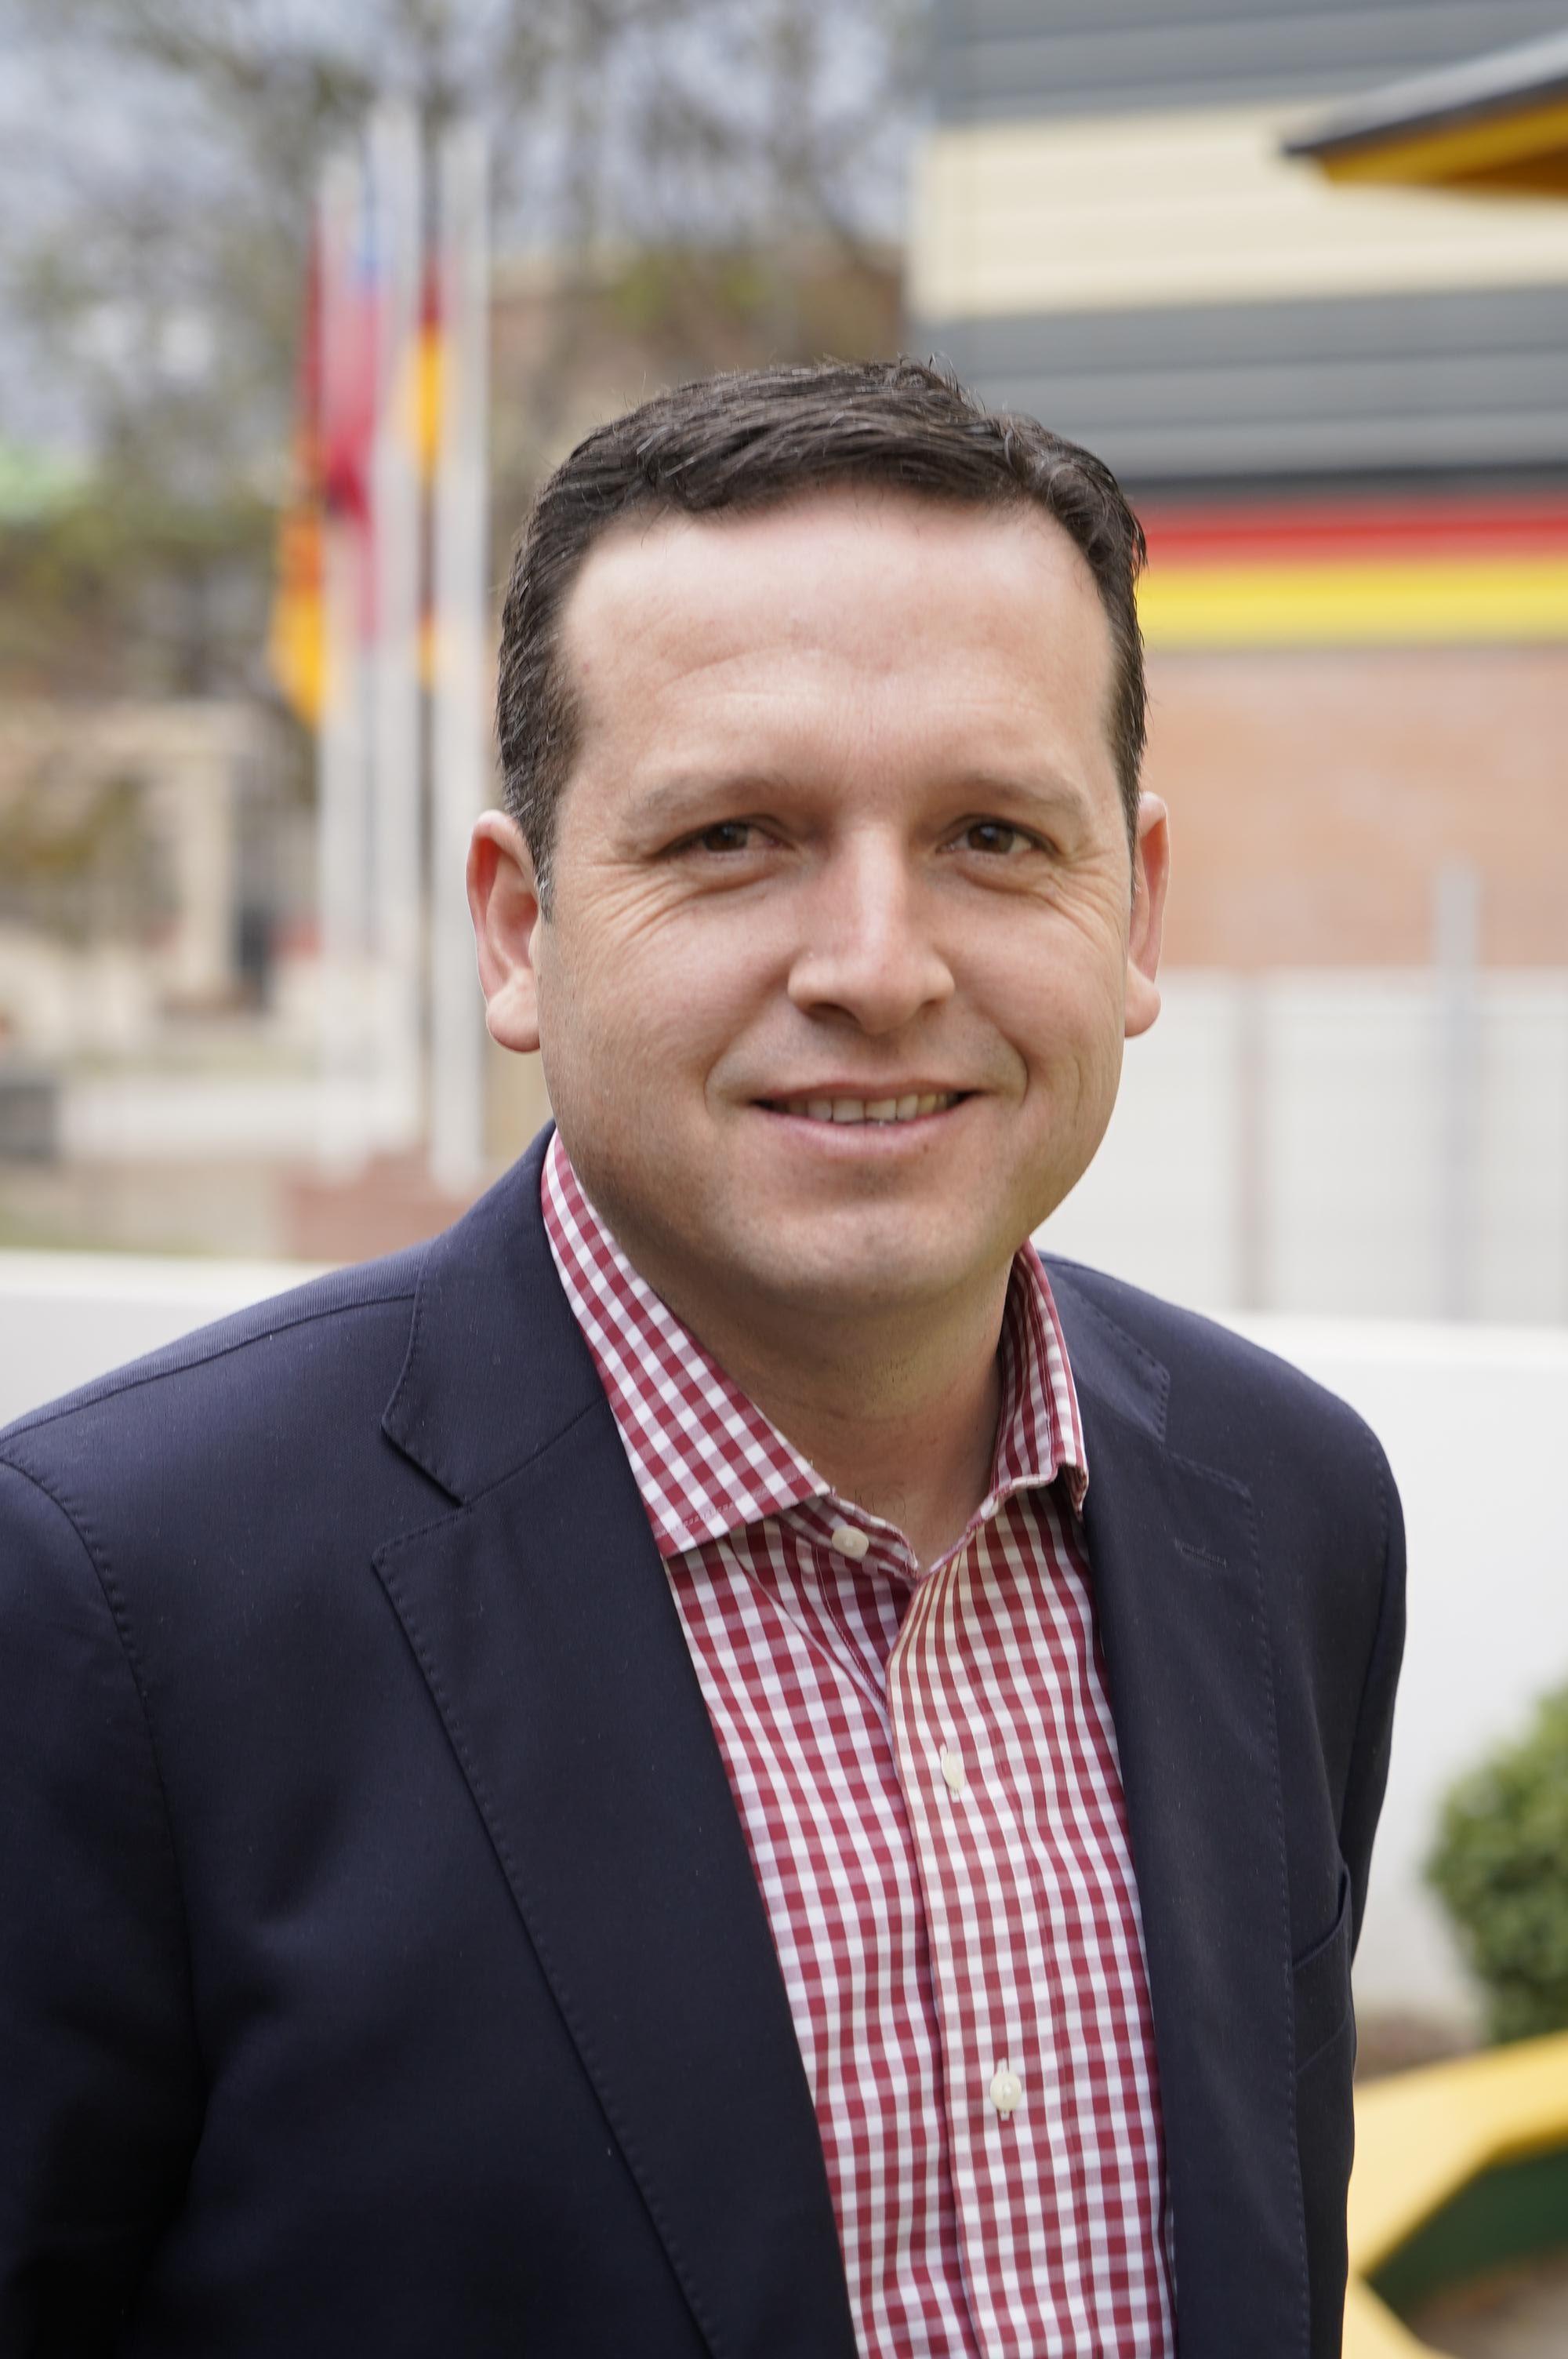 Christian Villarroel